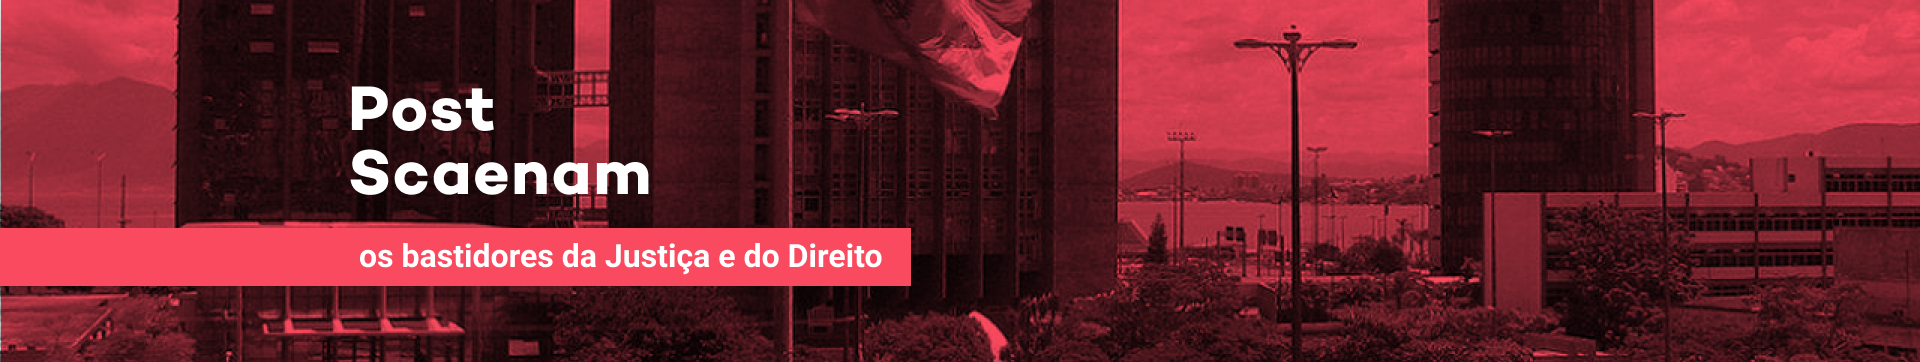 Imagem com tribunal de justiça de Santa Catarina no fundo e o título Post Scaenam: os bastidores da Justiça e do Direito